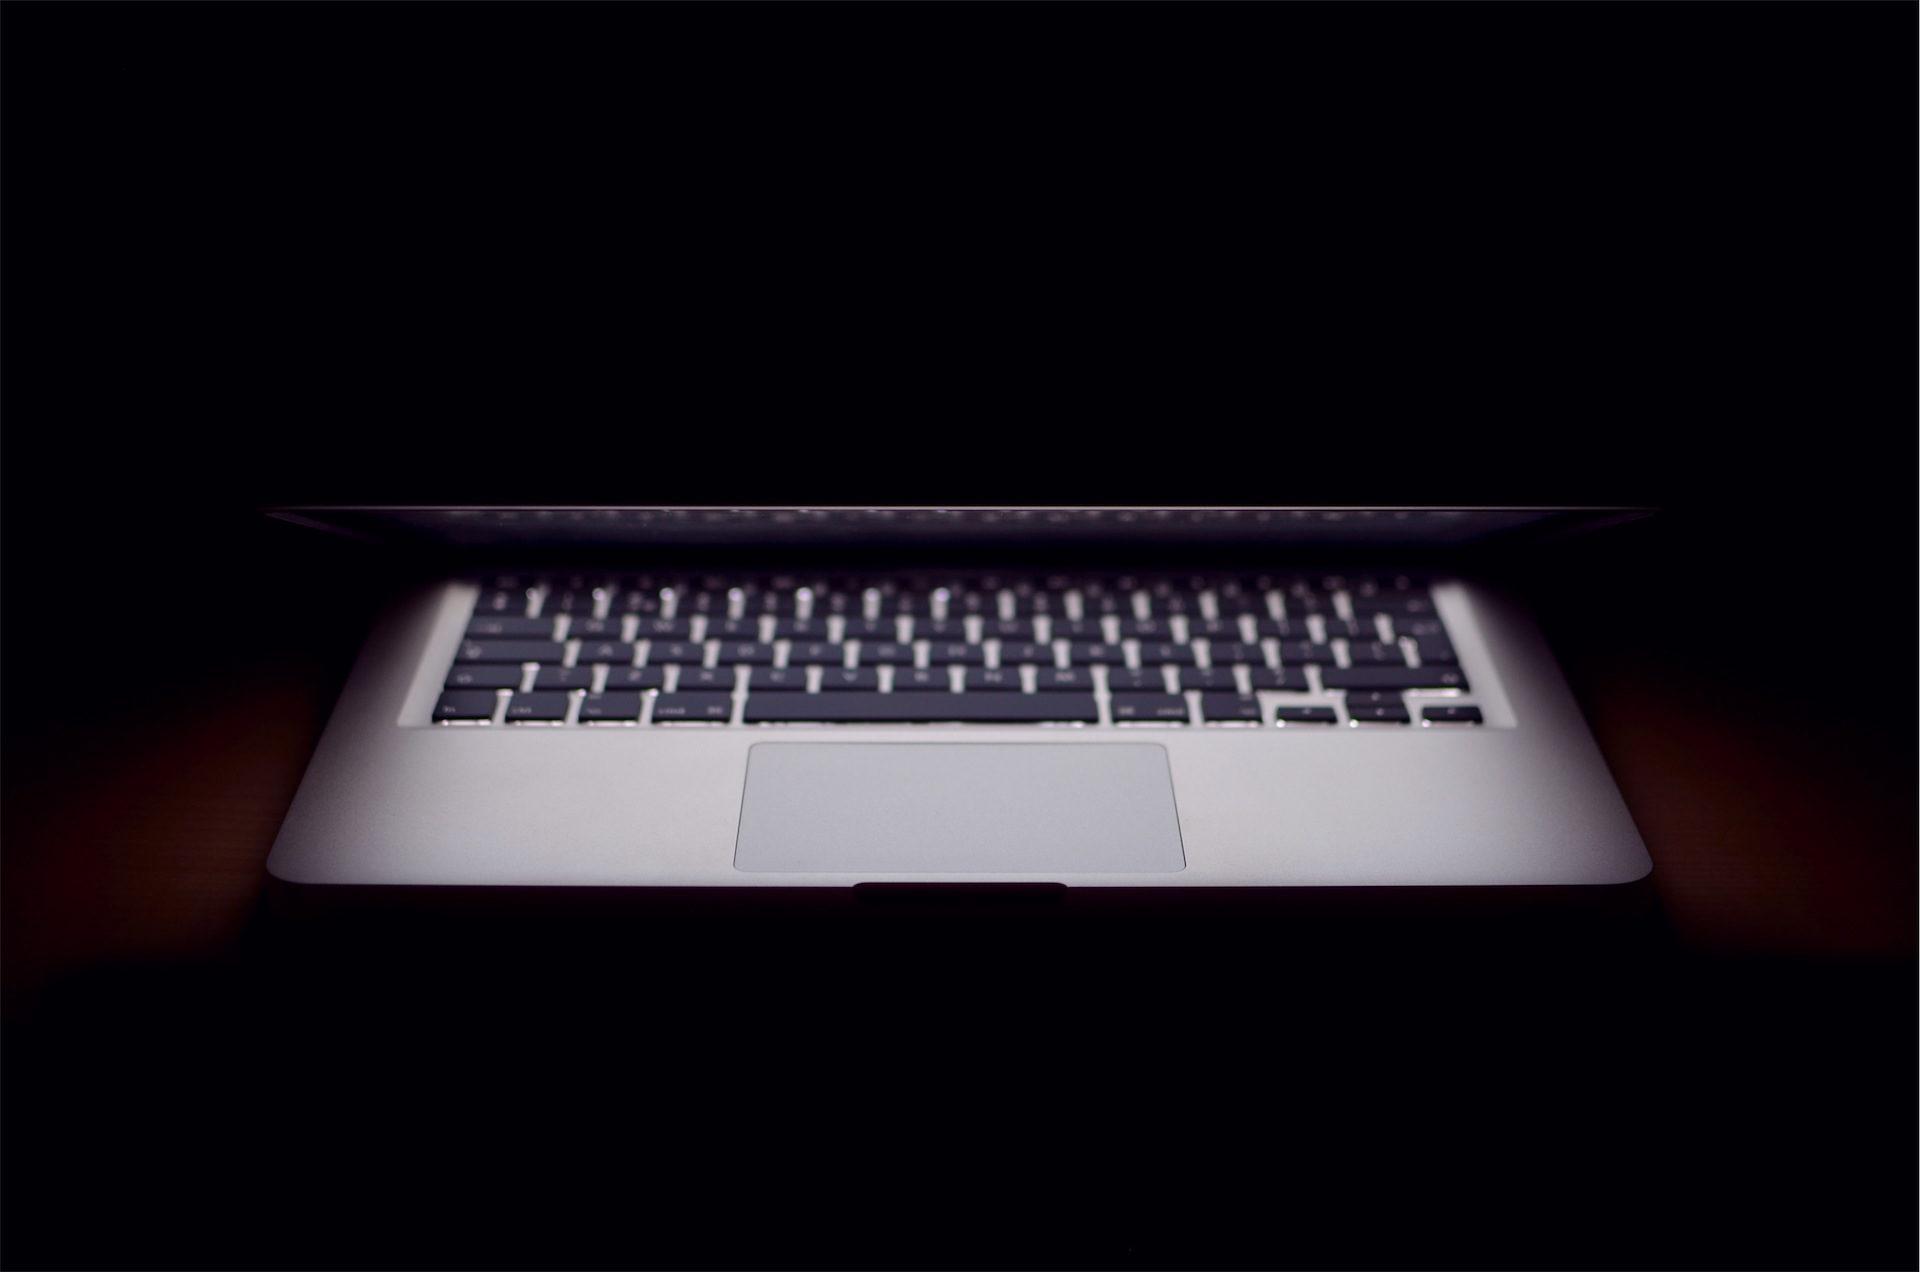 便携式, MacBook, apple, 苹果, 计算机 - 高清壁纸 - 教授-falken.com